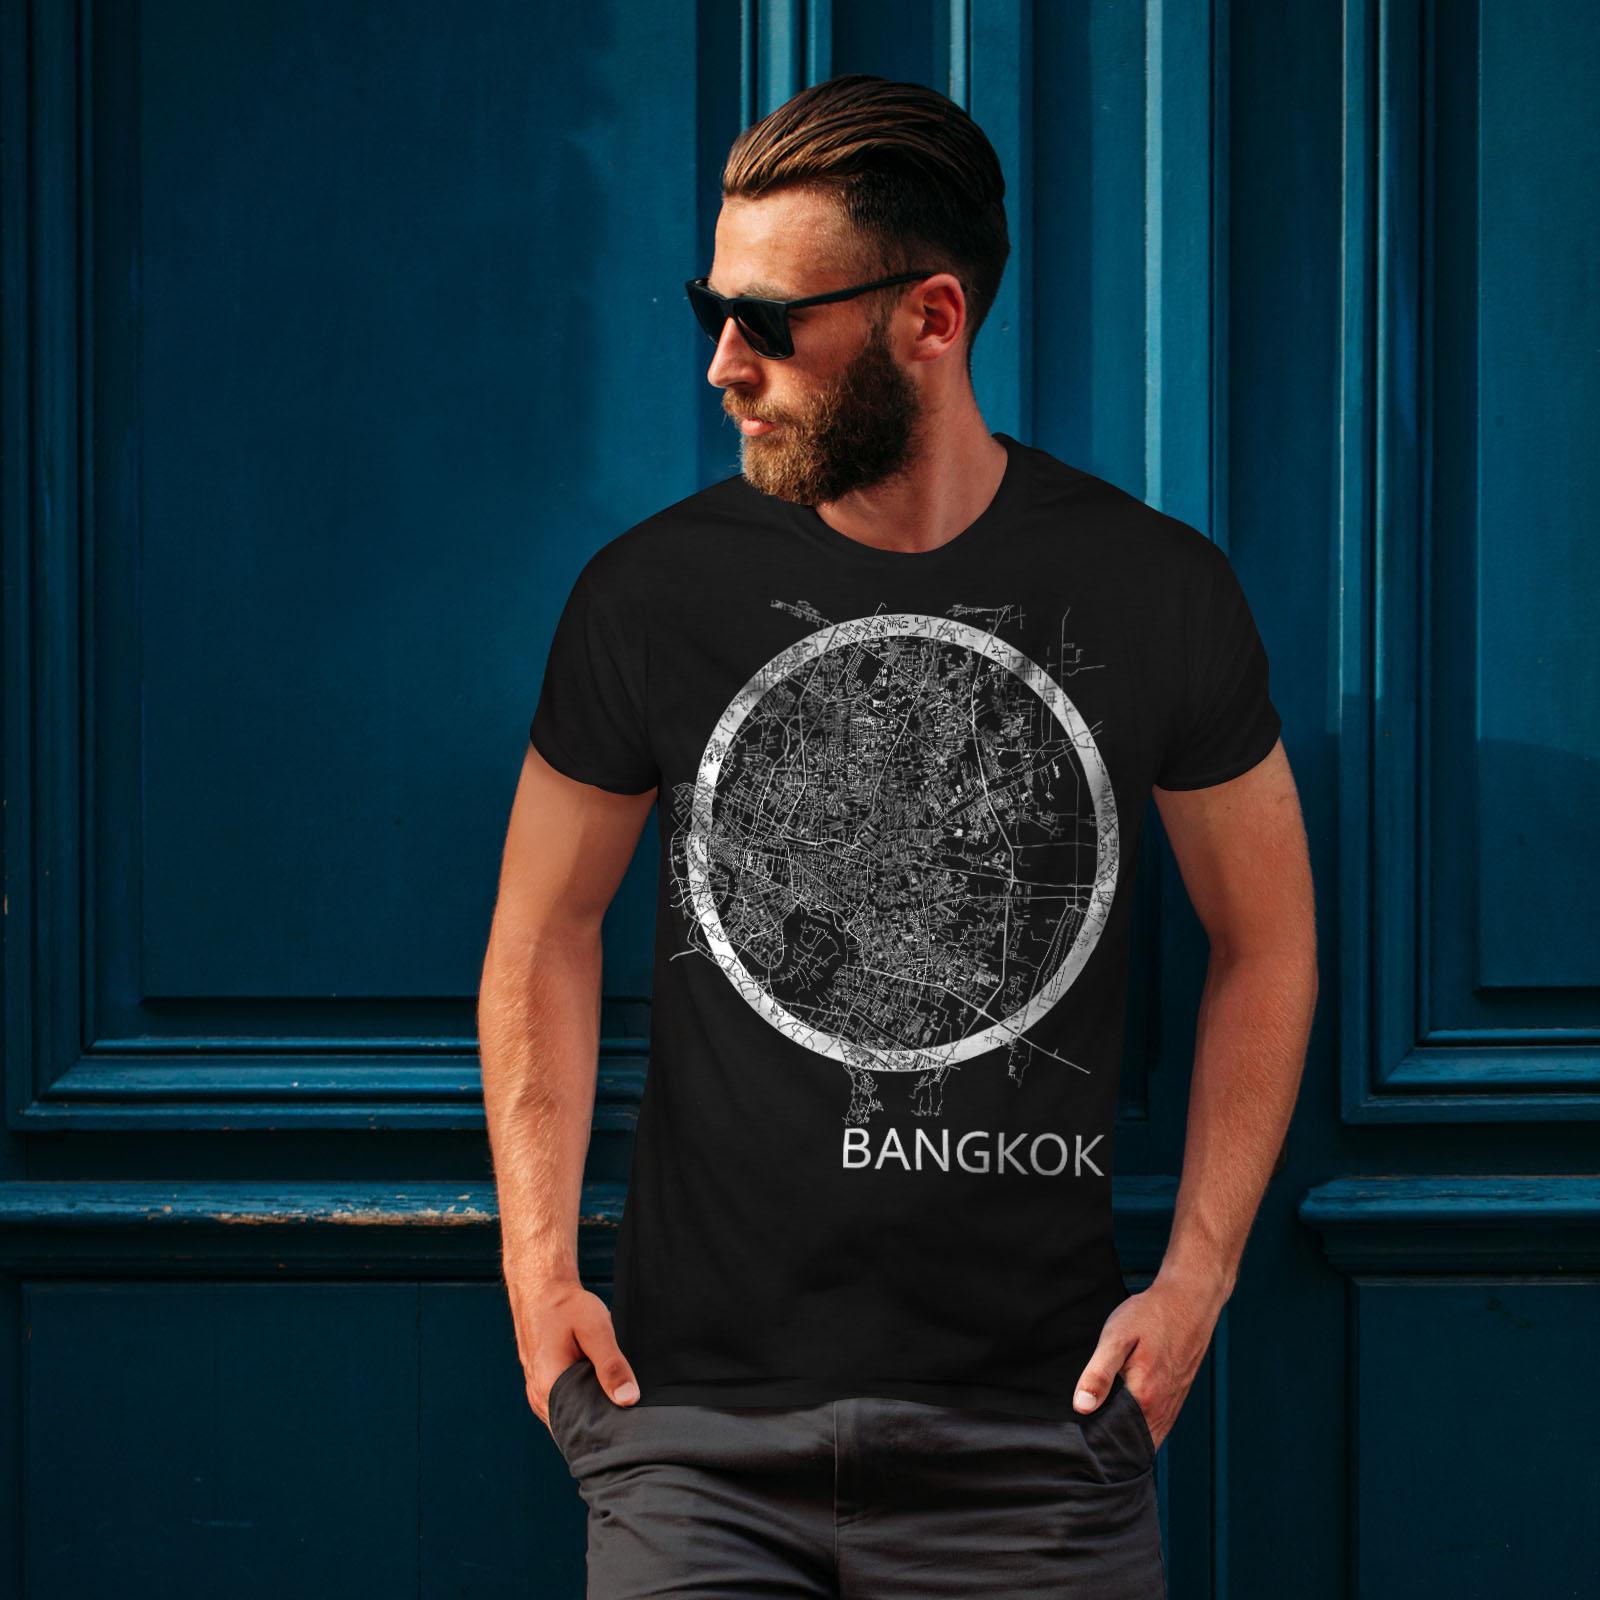 Wellcoda-Thailand-Bangkok-Map-Mens-T-shirt-Big-Graphic-Design-Printed-Tee thumbnail 4